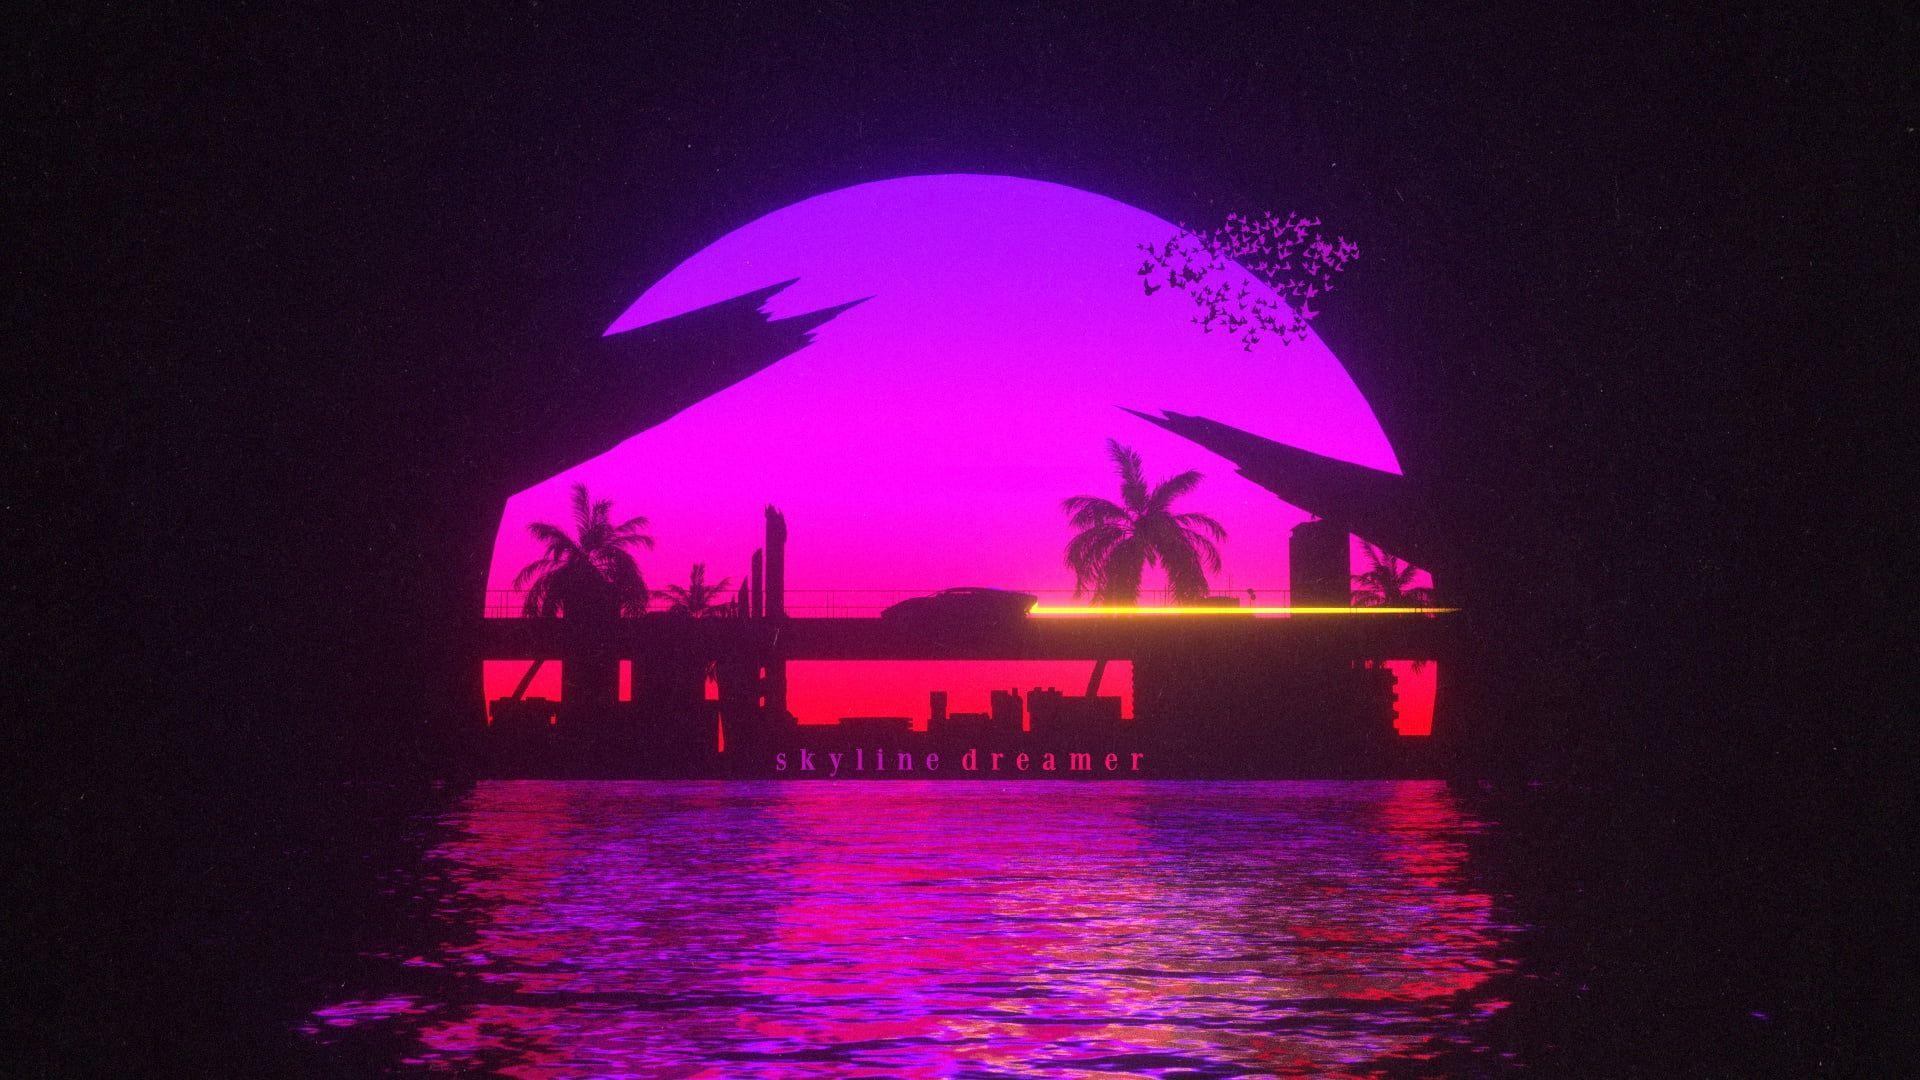 Sunset The Sun Water Auto Bridge Music Machine Style Wallpaper Widescreen Wallpaper Wallpaper Retro Waves